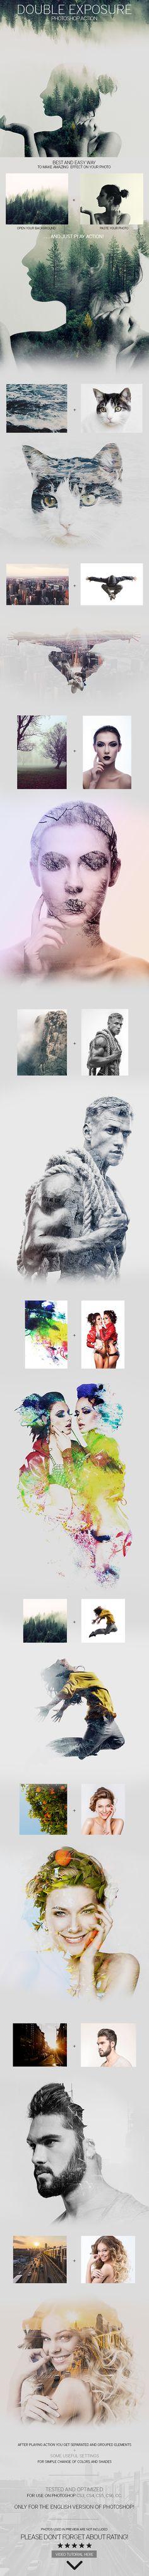 Eugene Smith Double Exposure Photoshop Action on Behance